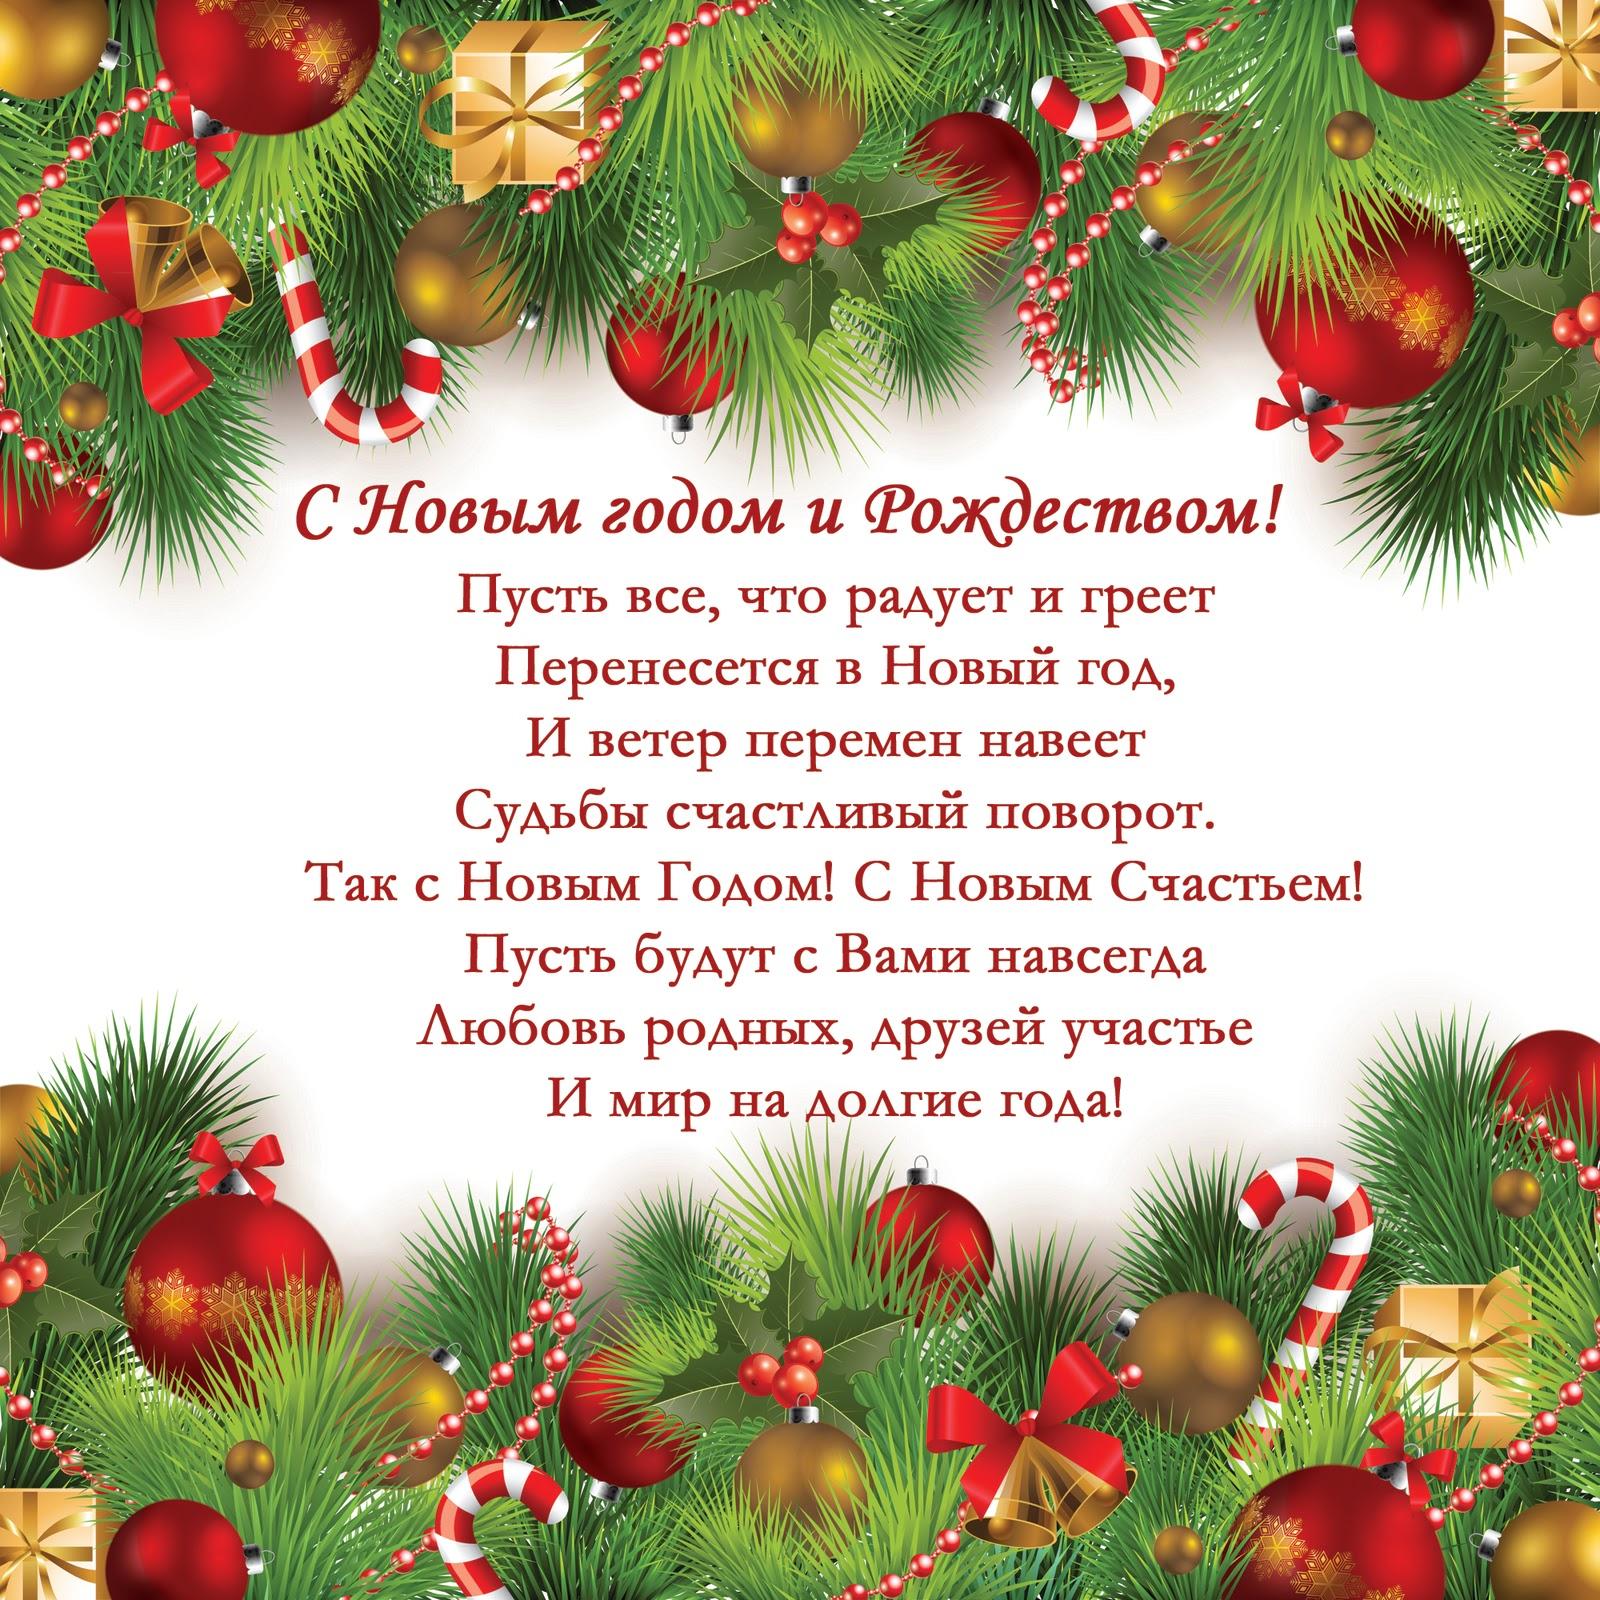 Поздравления с новогодними праздниками для всех